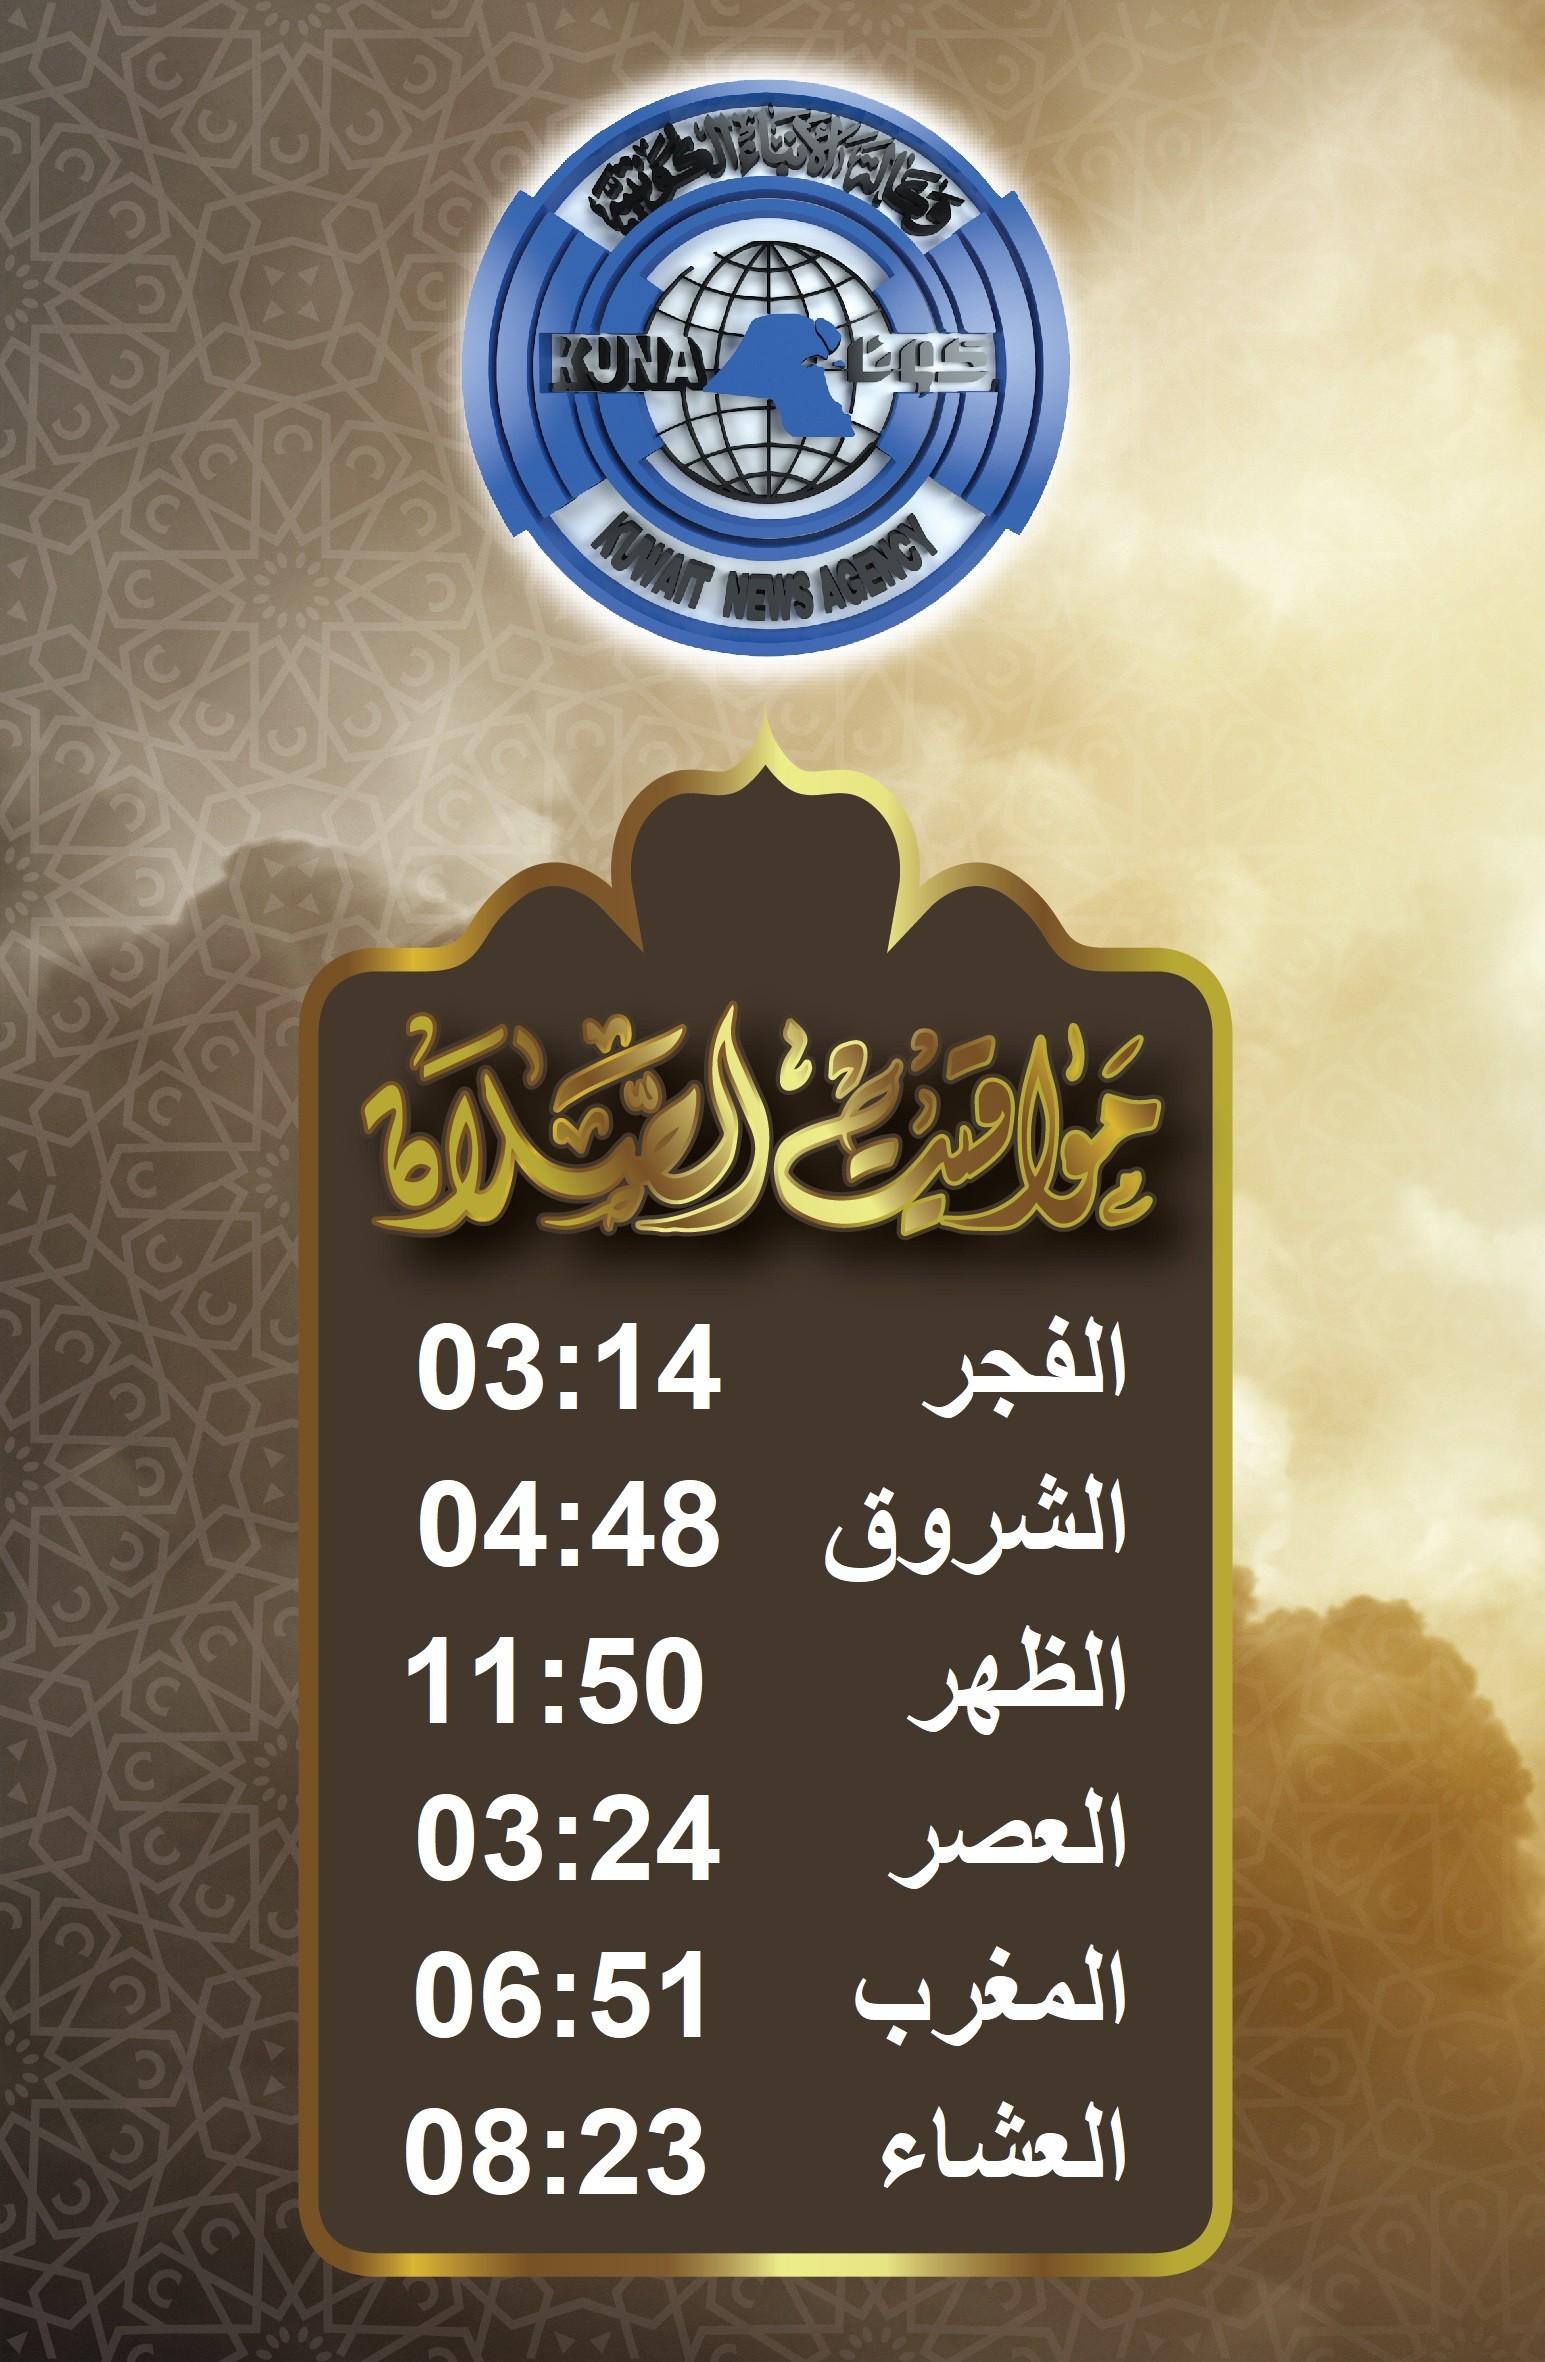 وقت اذان صلاة المغرب الكويت 2